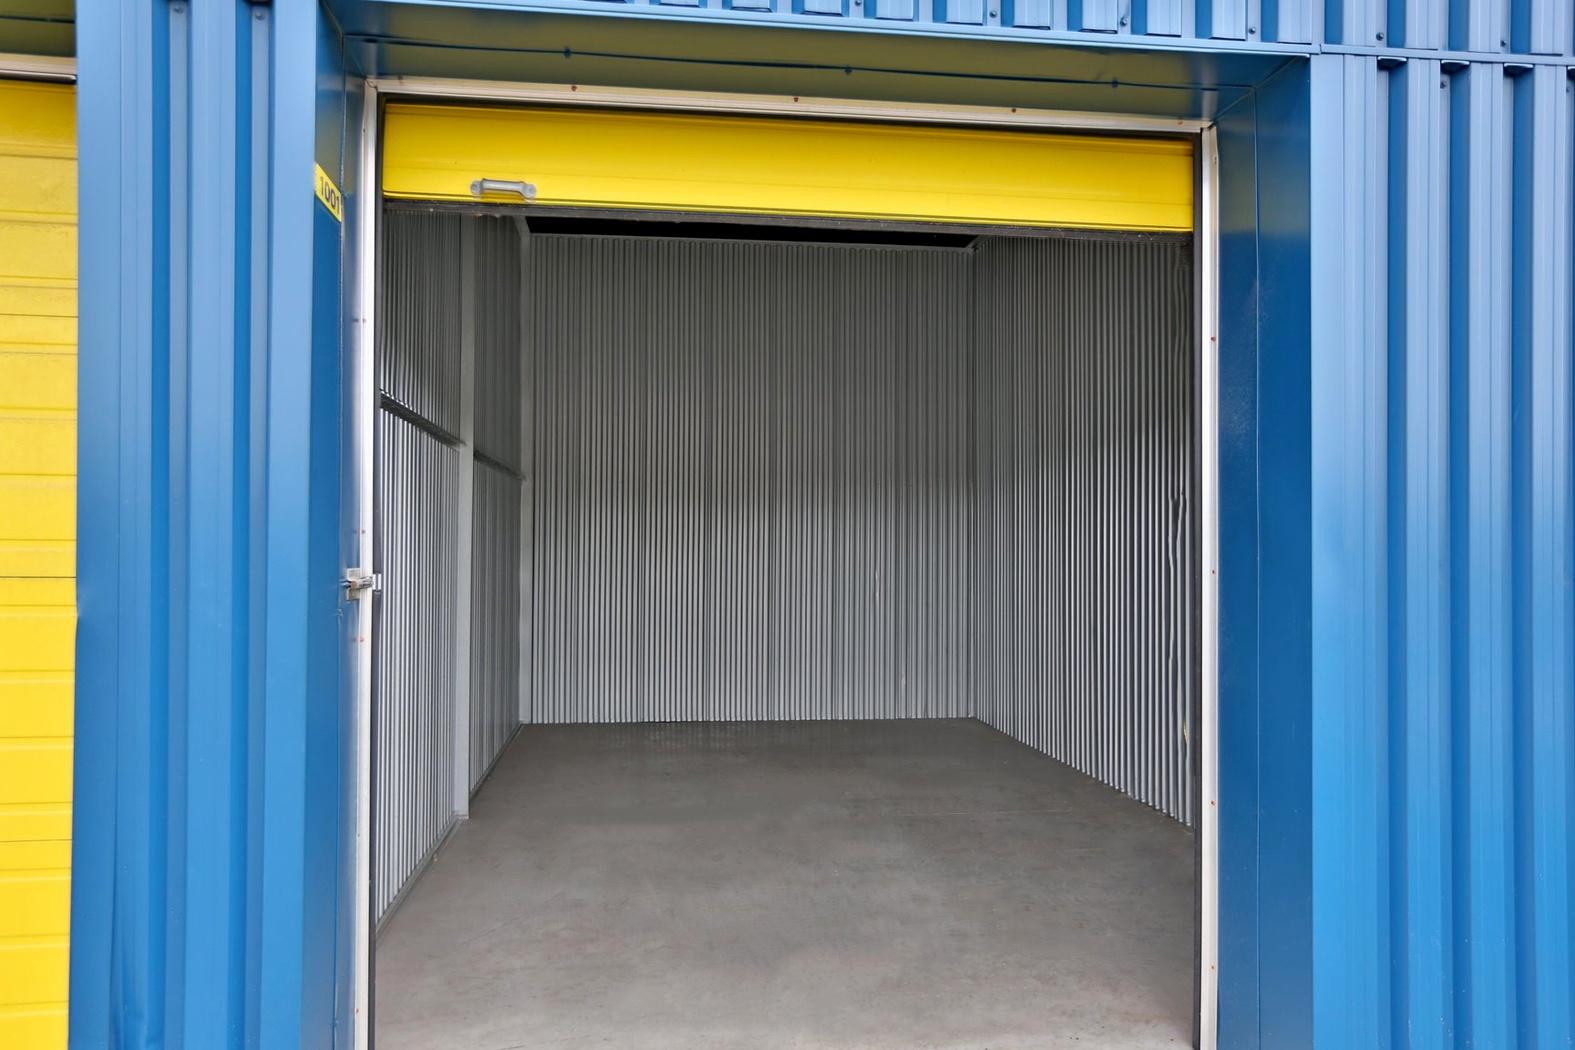 La succursale Access Storage – Brantford, située au A-101 Wayne Gretzky Parkway, a la solution d'entreposage qu'il vous faut. Réservez dès aujourd'hui!